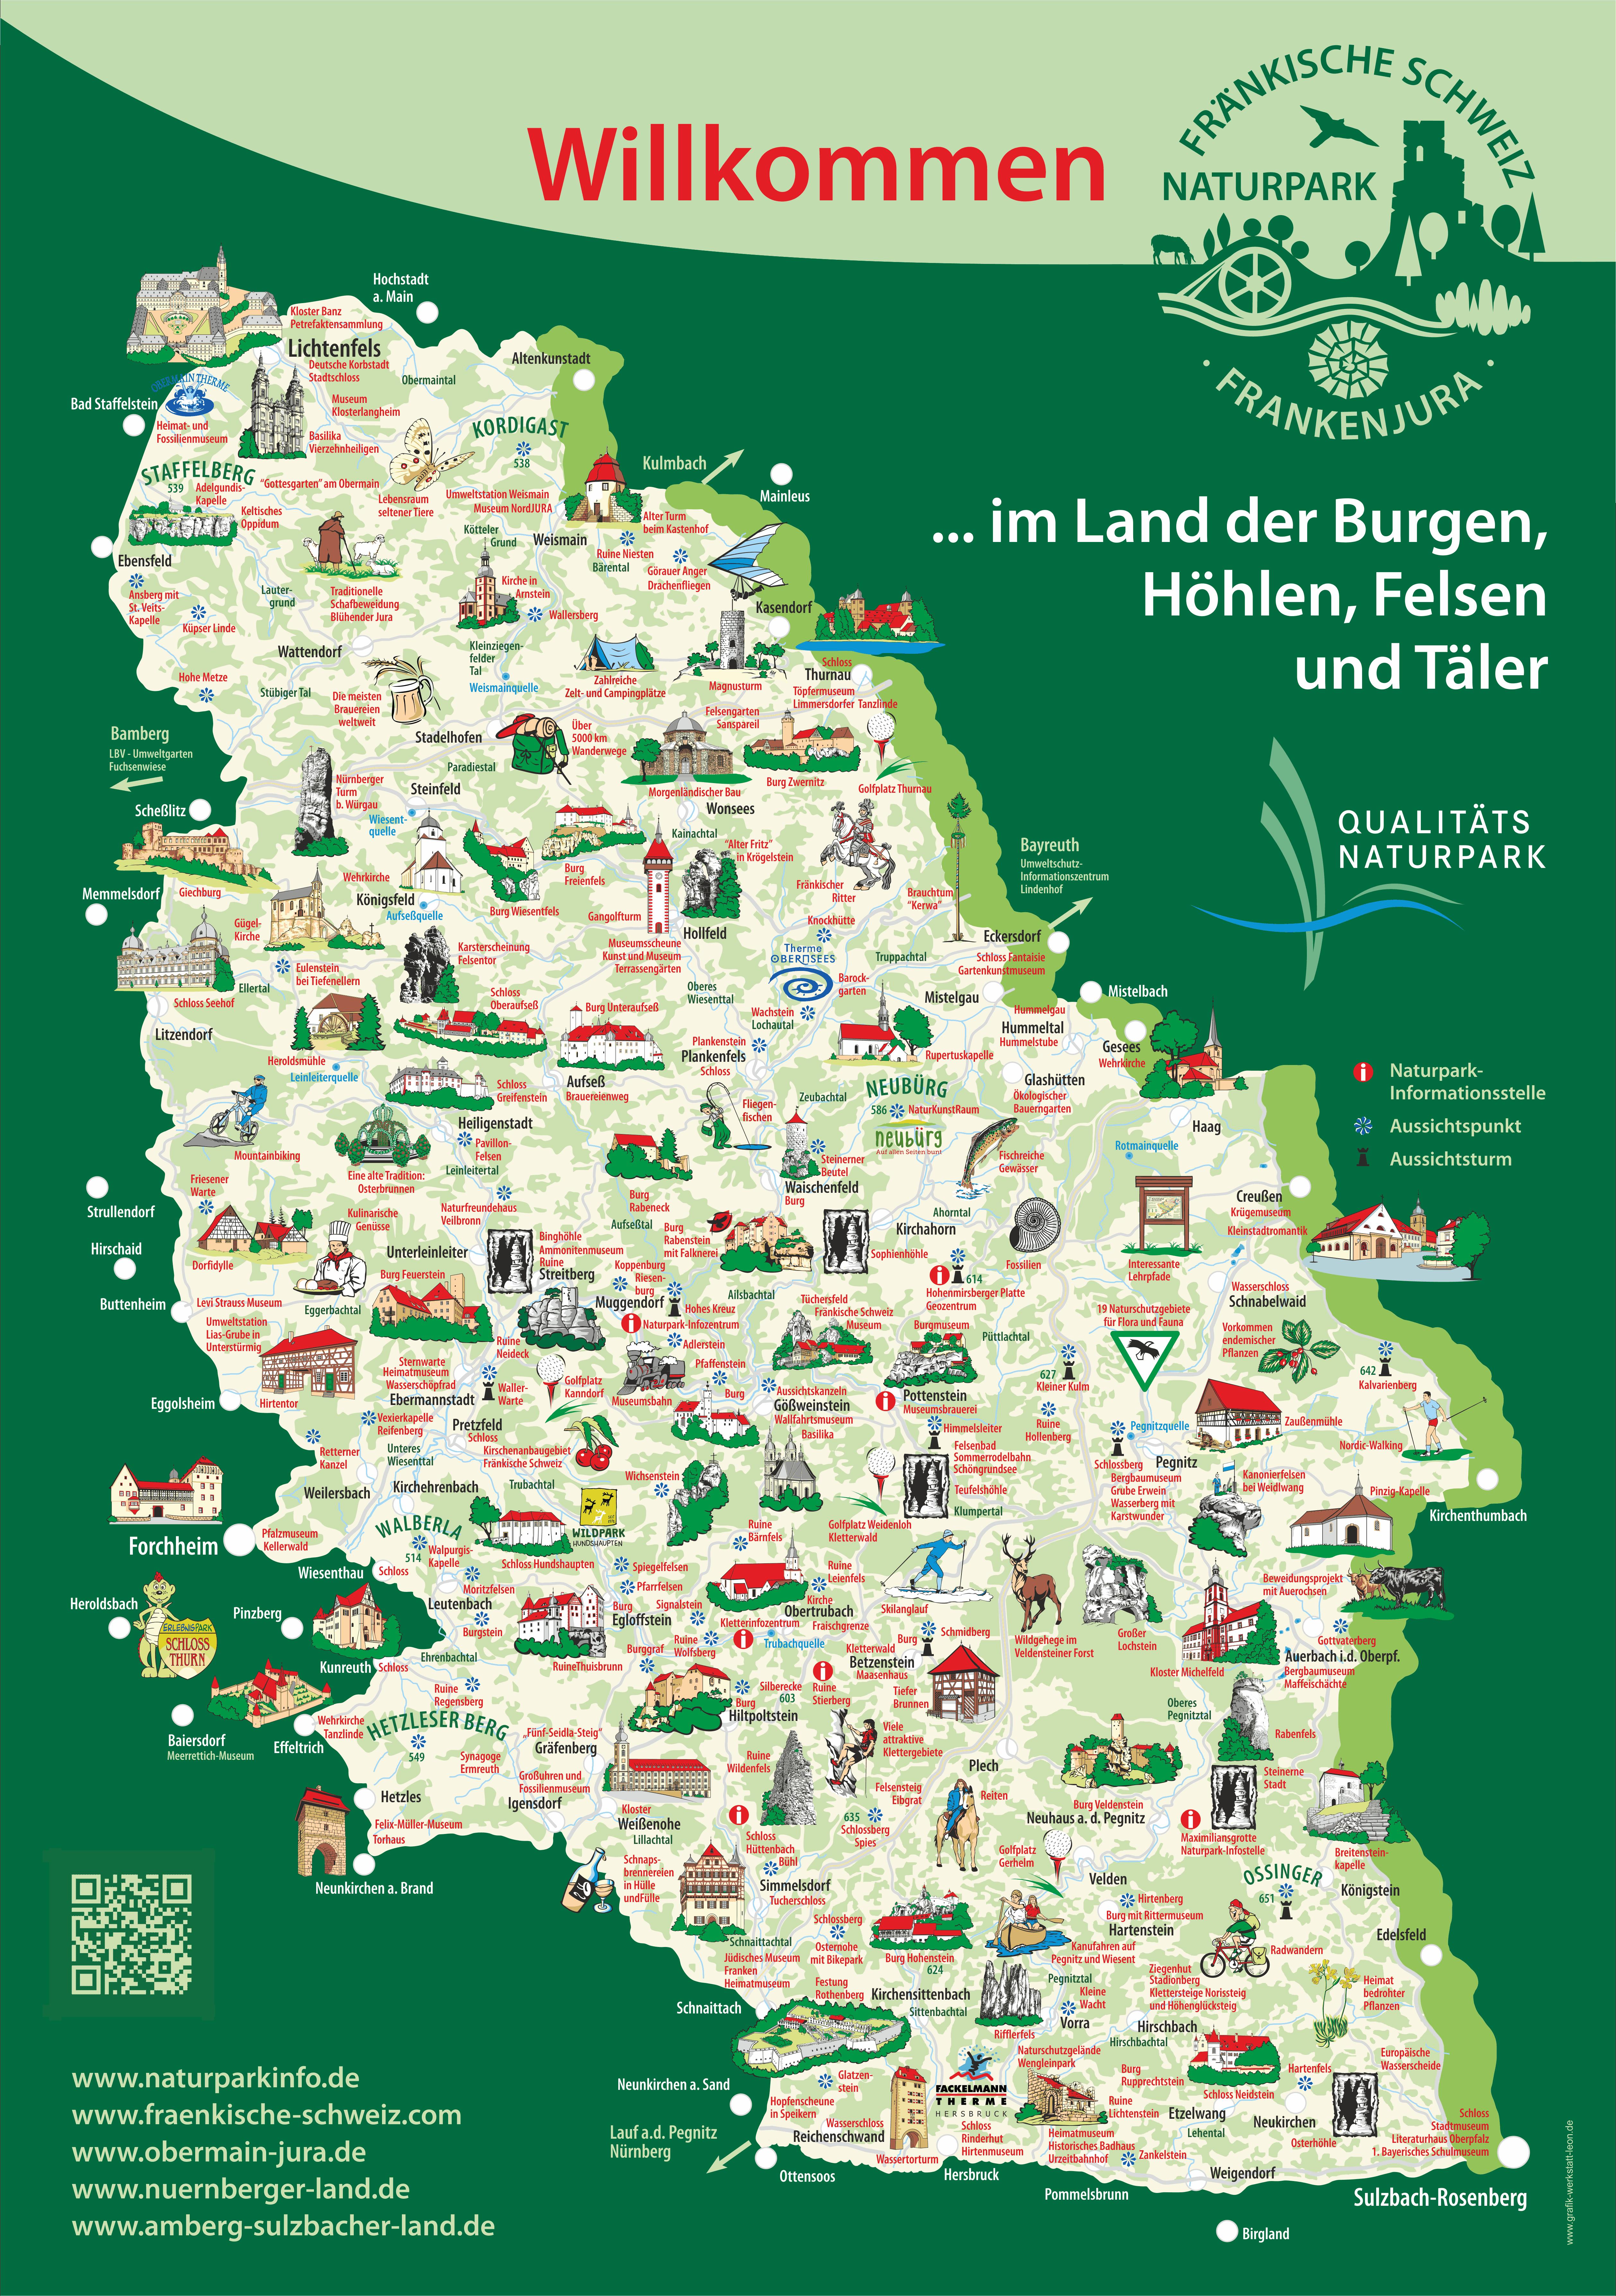 Willkommen im Naturpark (Karte)